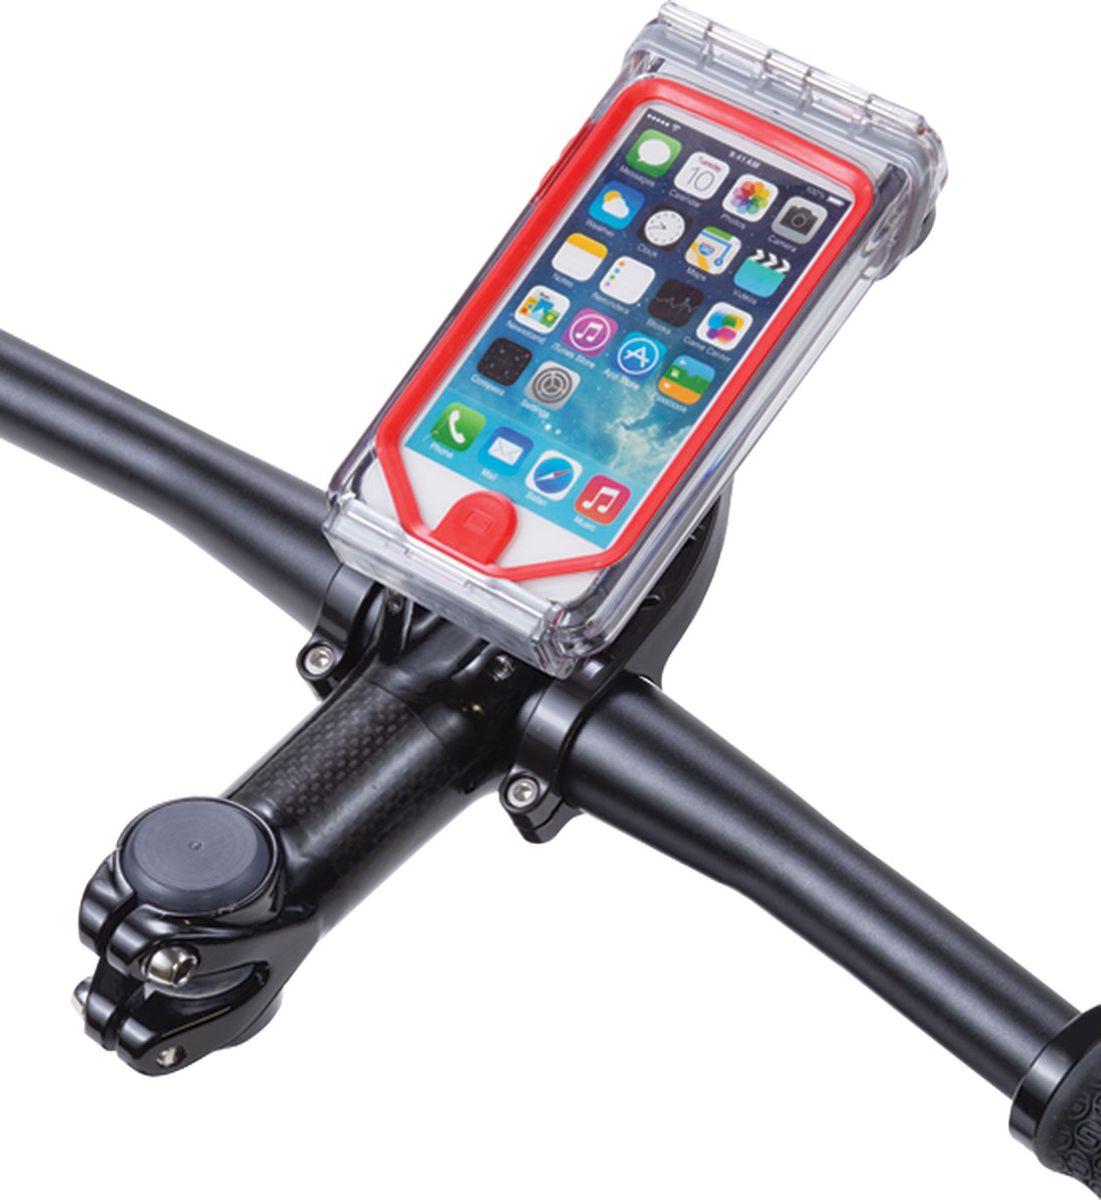 Optrix FS-94700, Black крепление для смартфона на рульFS-94700Разработано в сотрудничестве с известным производителем велоаксессуаров Tate Labs. Данное инновационное крепление позволяет расположить iPhone как в портретной так и альбомной ориентации, чтобы экран устройства всегда был в поле зрения.Подходит к рукоятке диаметром 31,8 мм. Вес крепления (без устройства) 55 г. Подходит для всех защитных чехлов Optrix для iPhone 5/5s и iPhone 6. • Велосипедное крепление профессионального уровня • Крепление устройства в портретной и альбомной ориентации • Подходит для рукояток диаметром 31.8 мм • Подходит ко всем чехлам Optrix by Body Glove